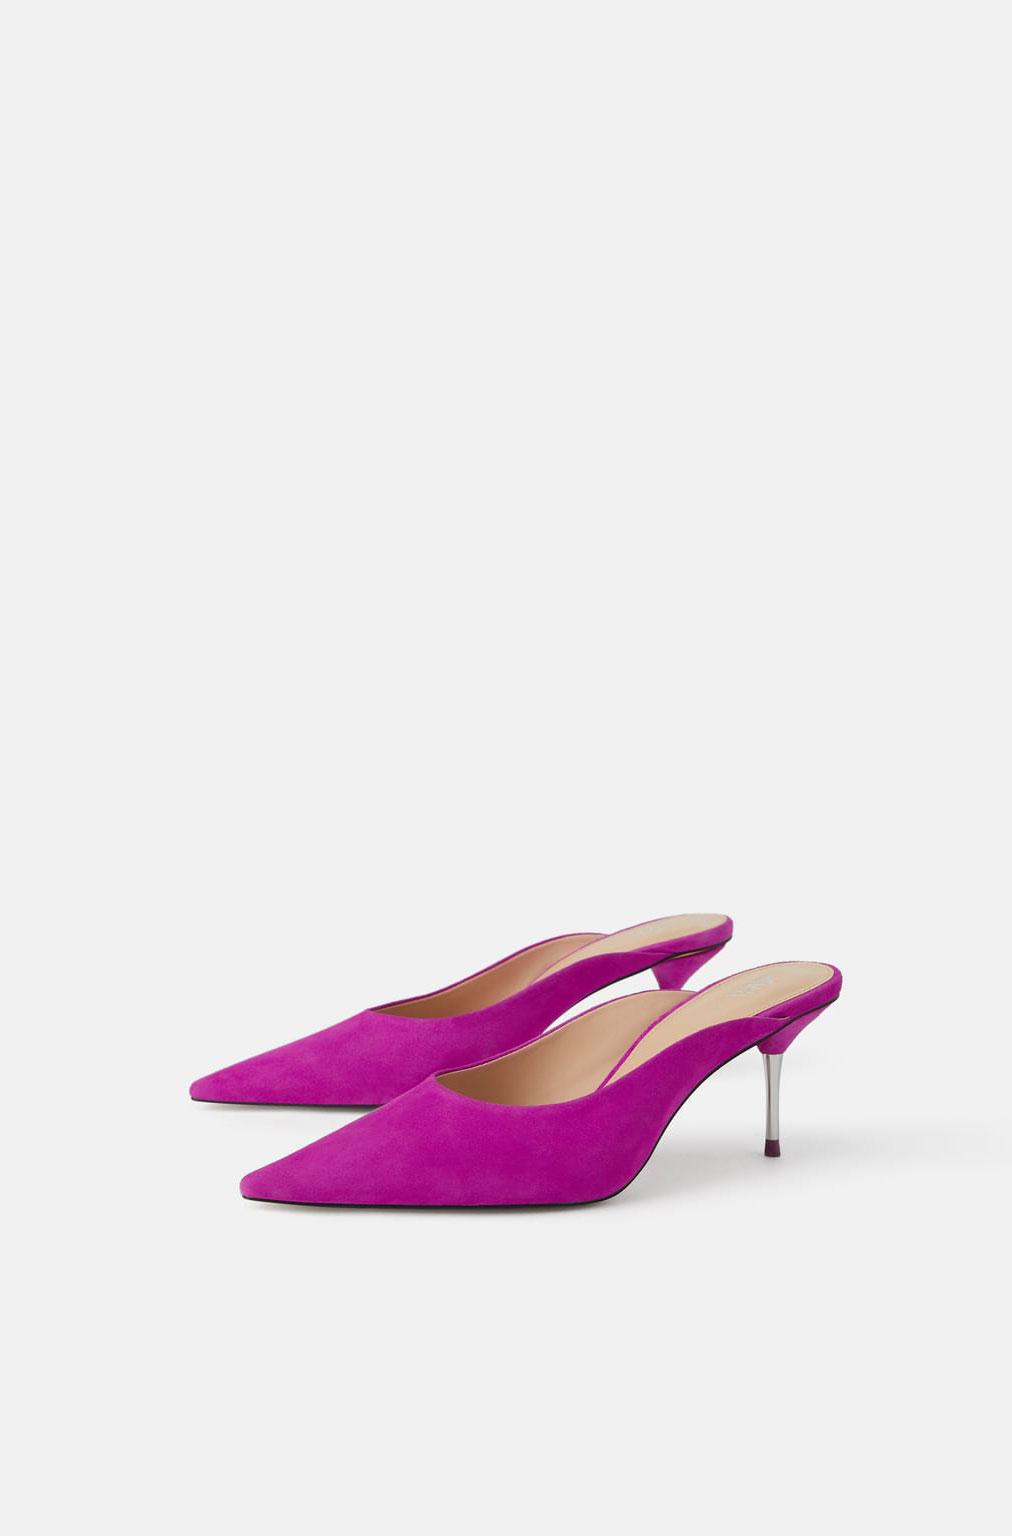 Zara Mules     $69.90